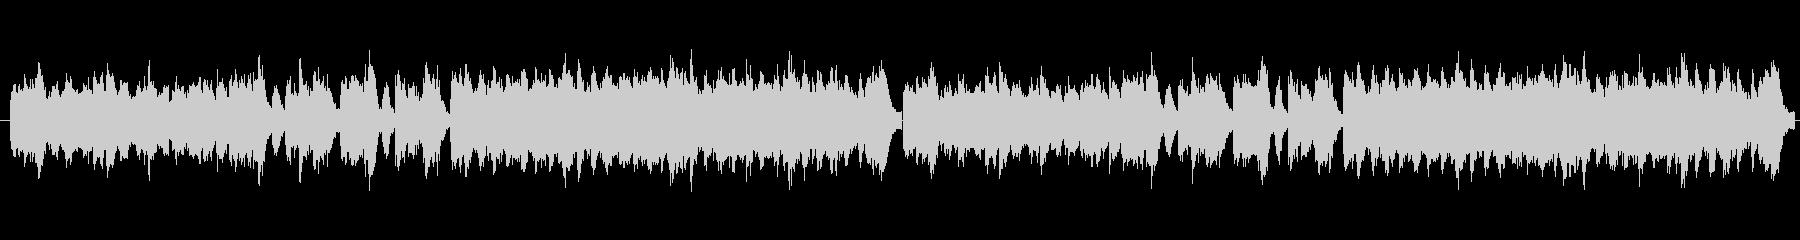 マリンバが印象的なかわいらしい曲です。…の未再生の波形